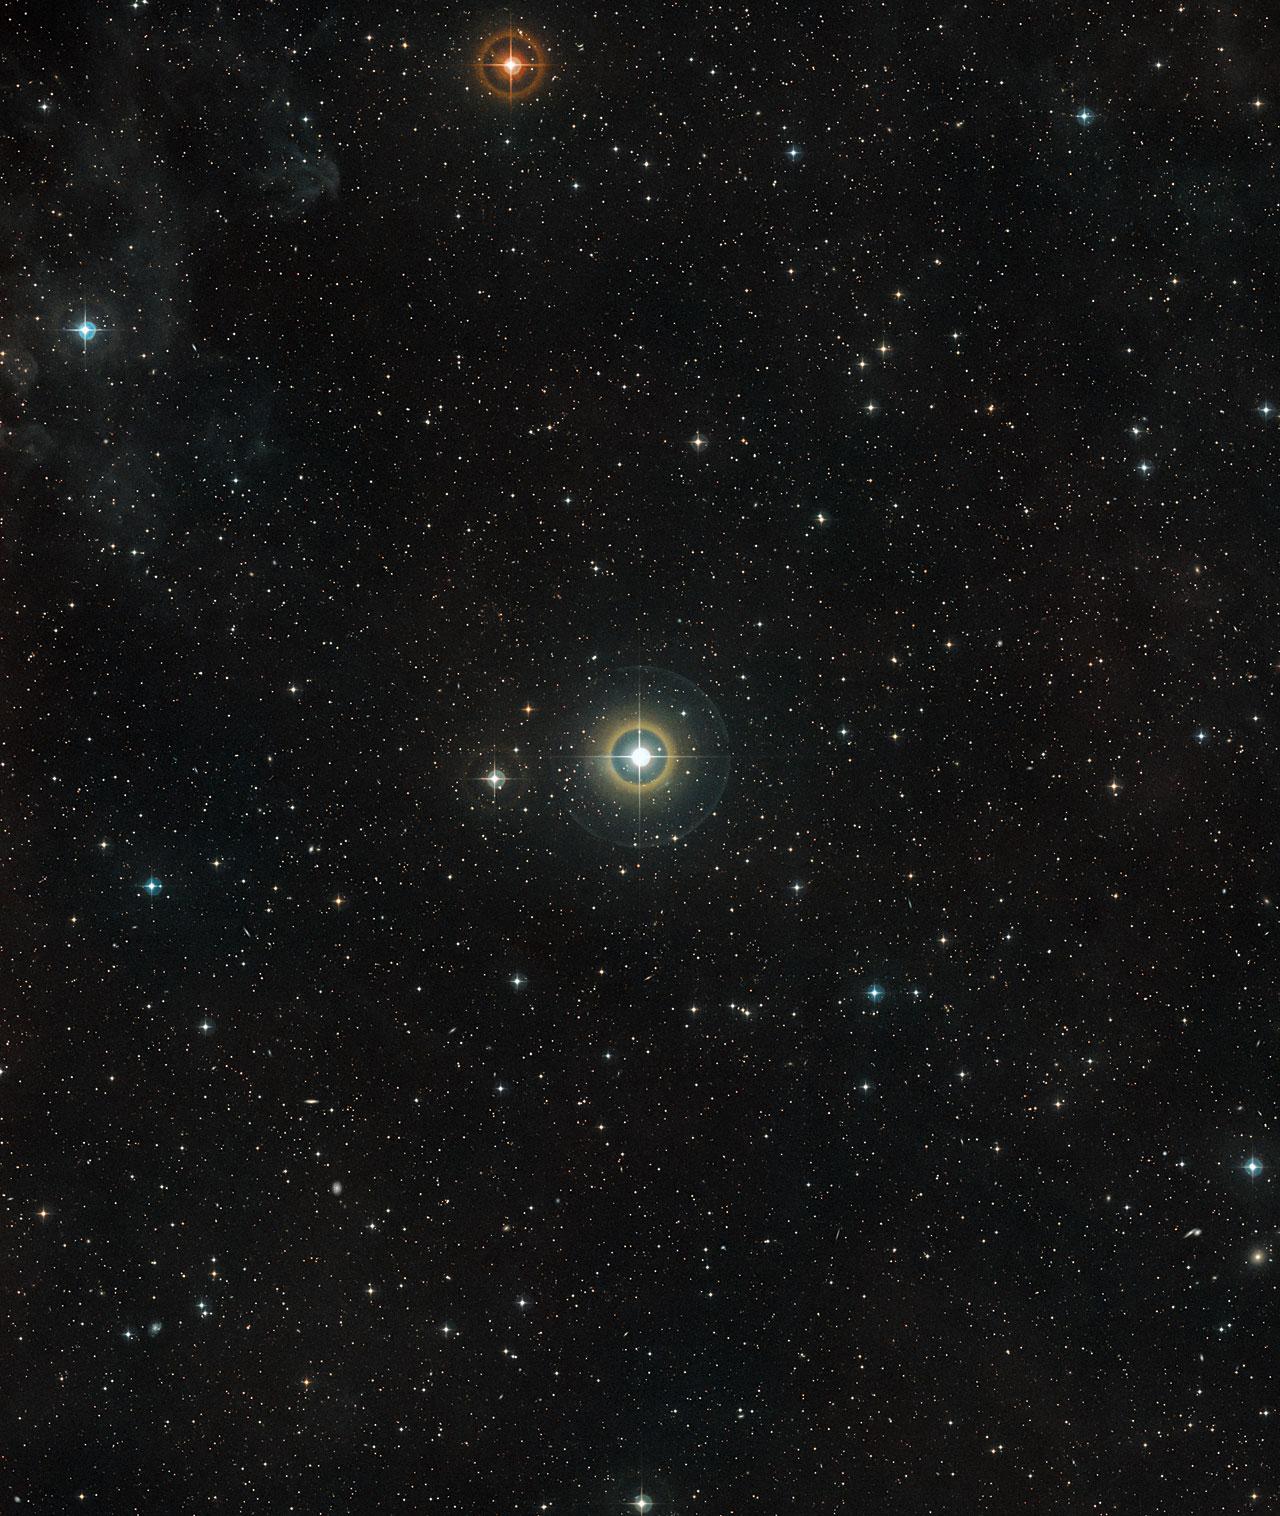 Il cielo attorno alla stella 51 Pegasi nella costellazione settentrionale di Pegaso (Crediti: ESO/Digitized Sky Survey 2)